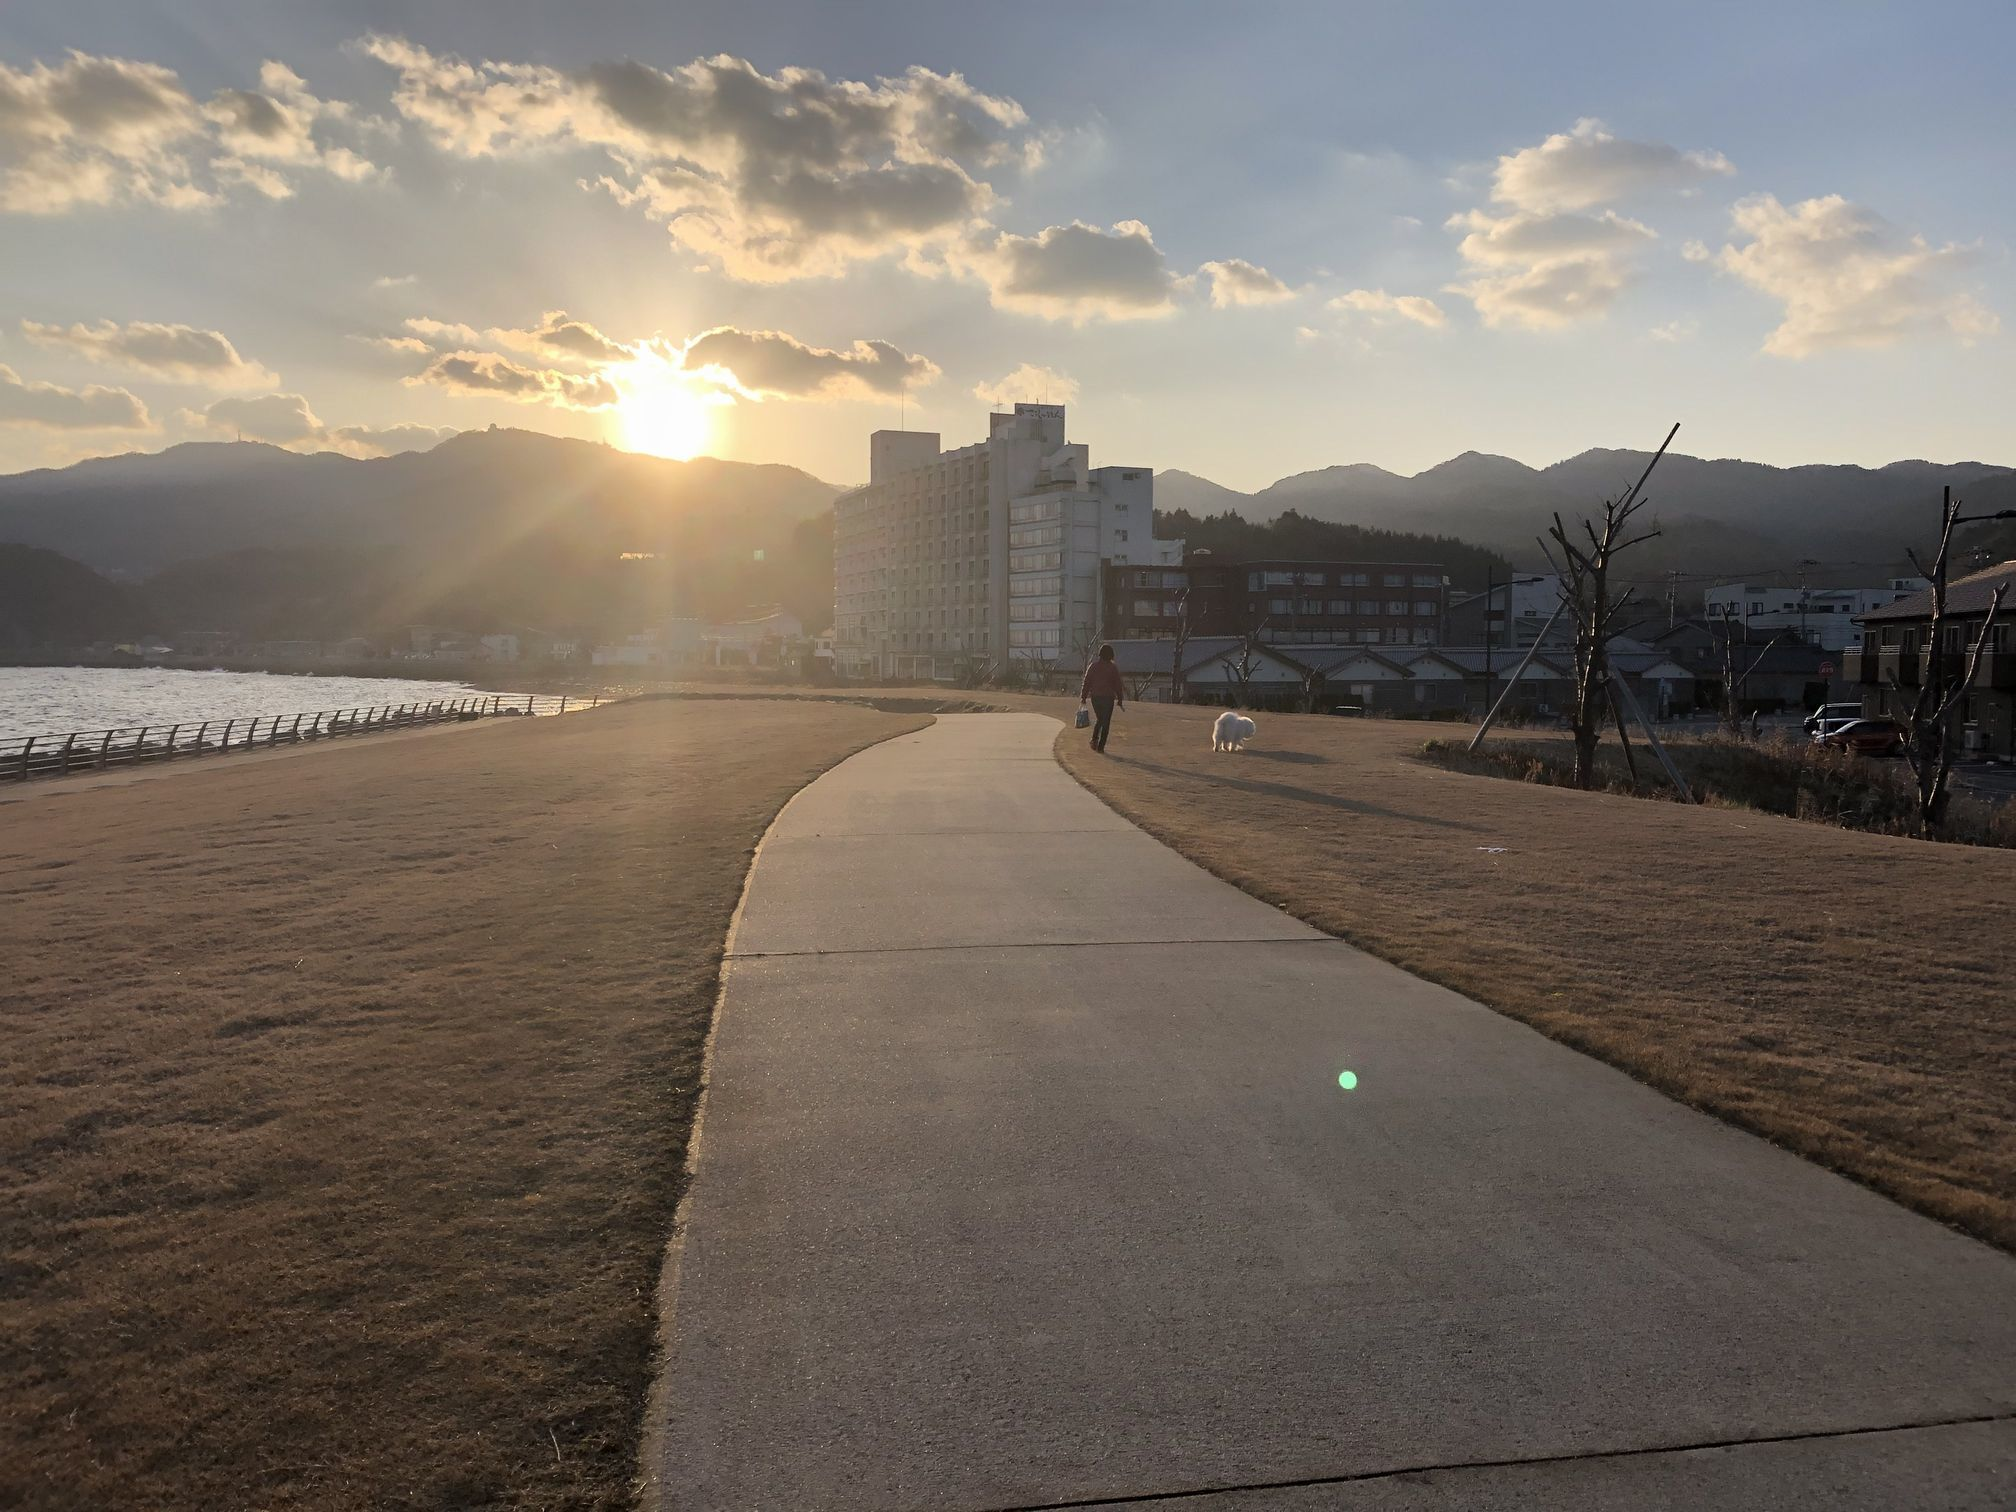 2019年冬 群馬~岐阜~石川県旅行 その2_f0128542_02021338.jpg